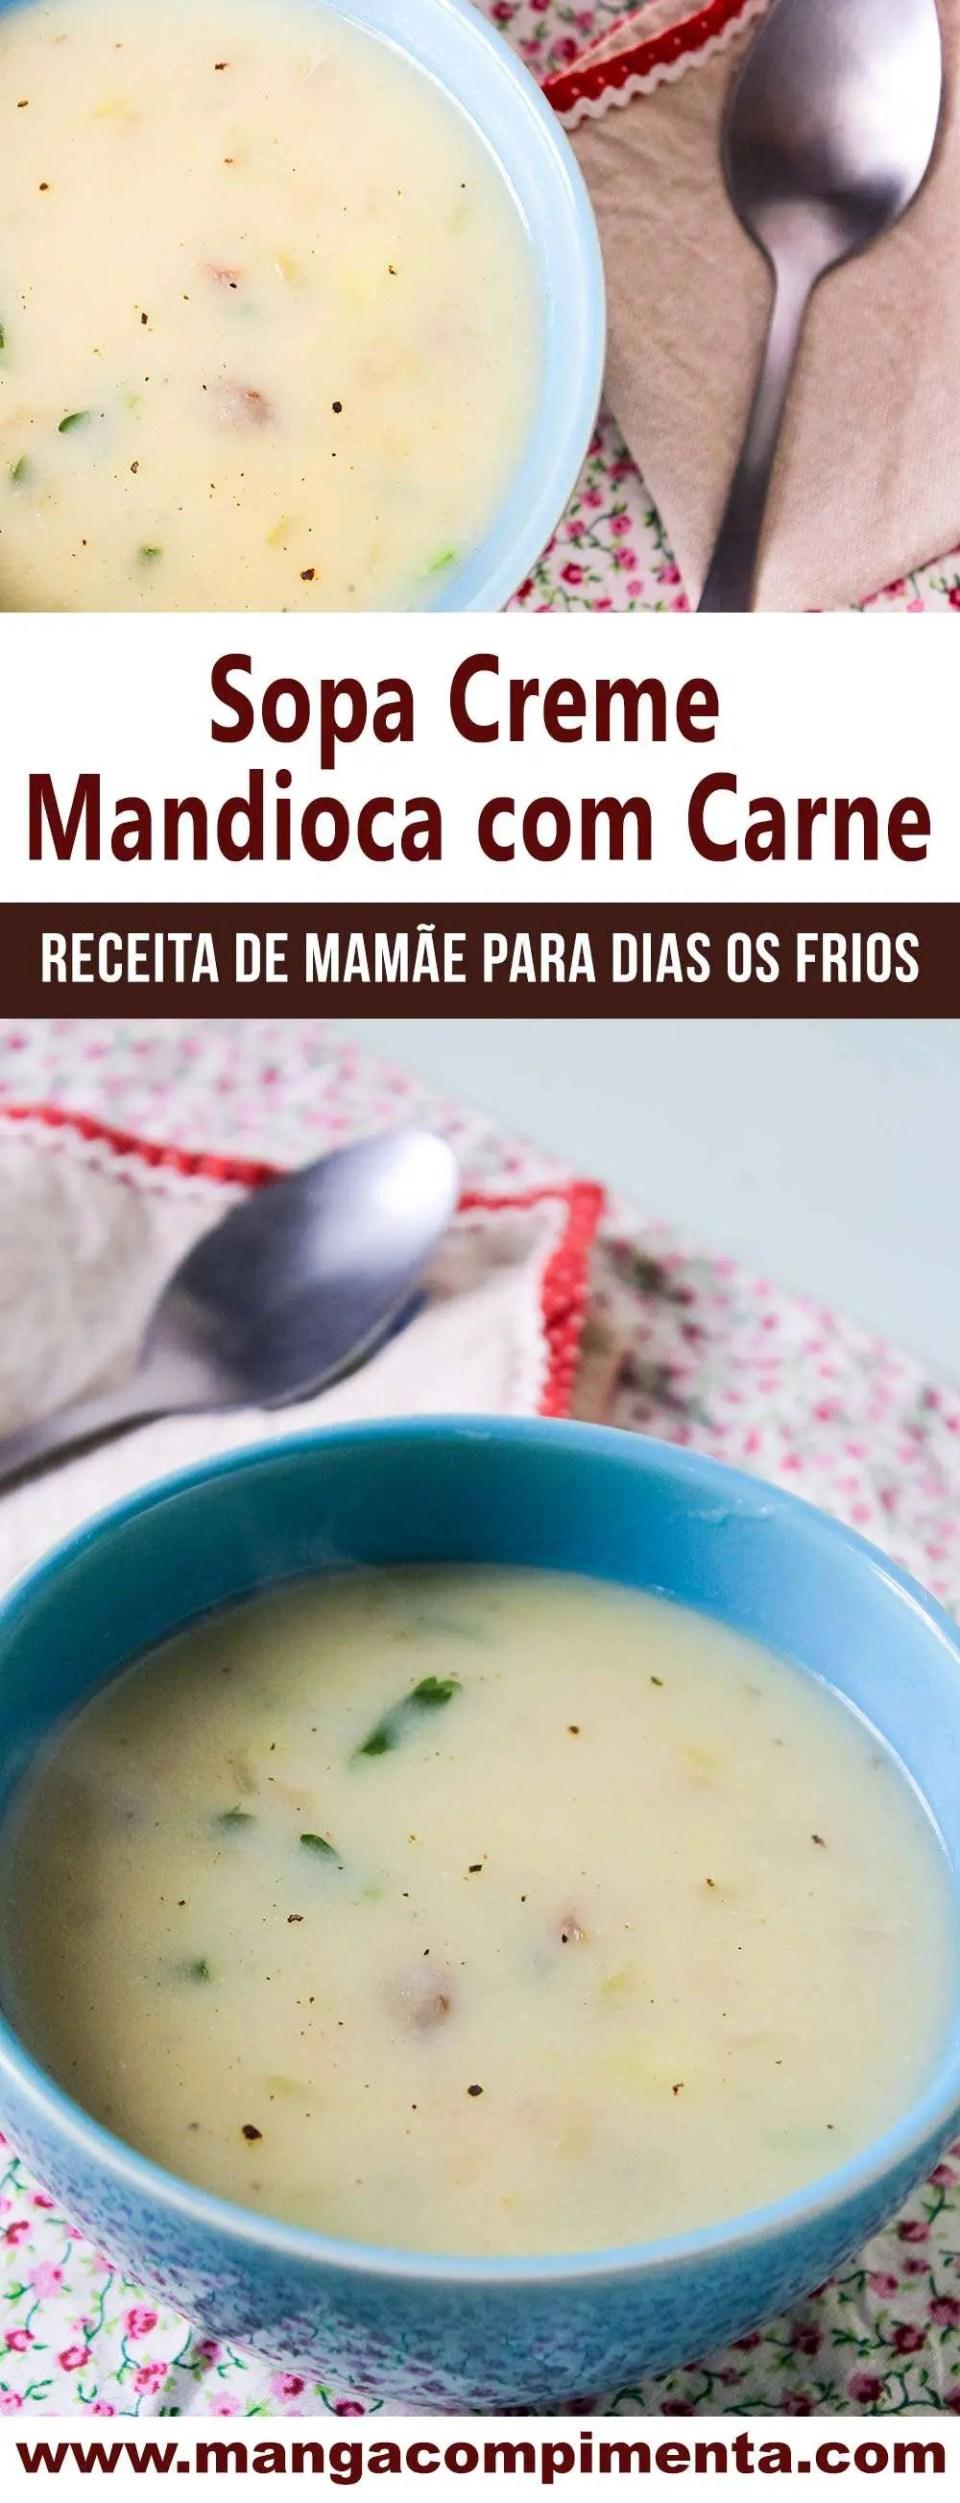 Sopa Creme Mandioca com pedaços de Carne - uma sopa deliciosa pros dias frios!